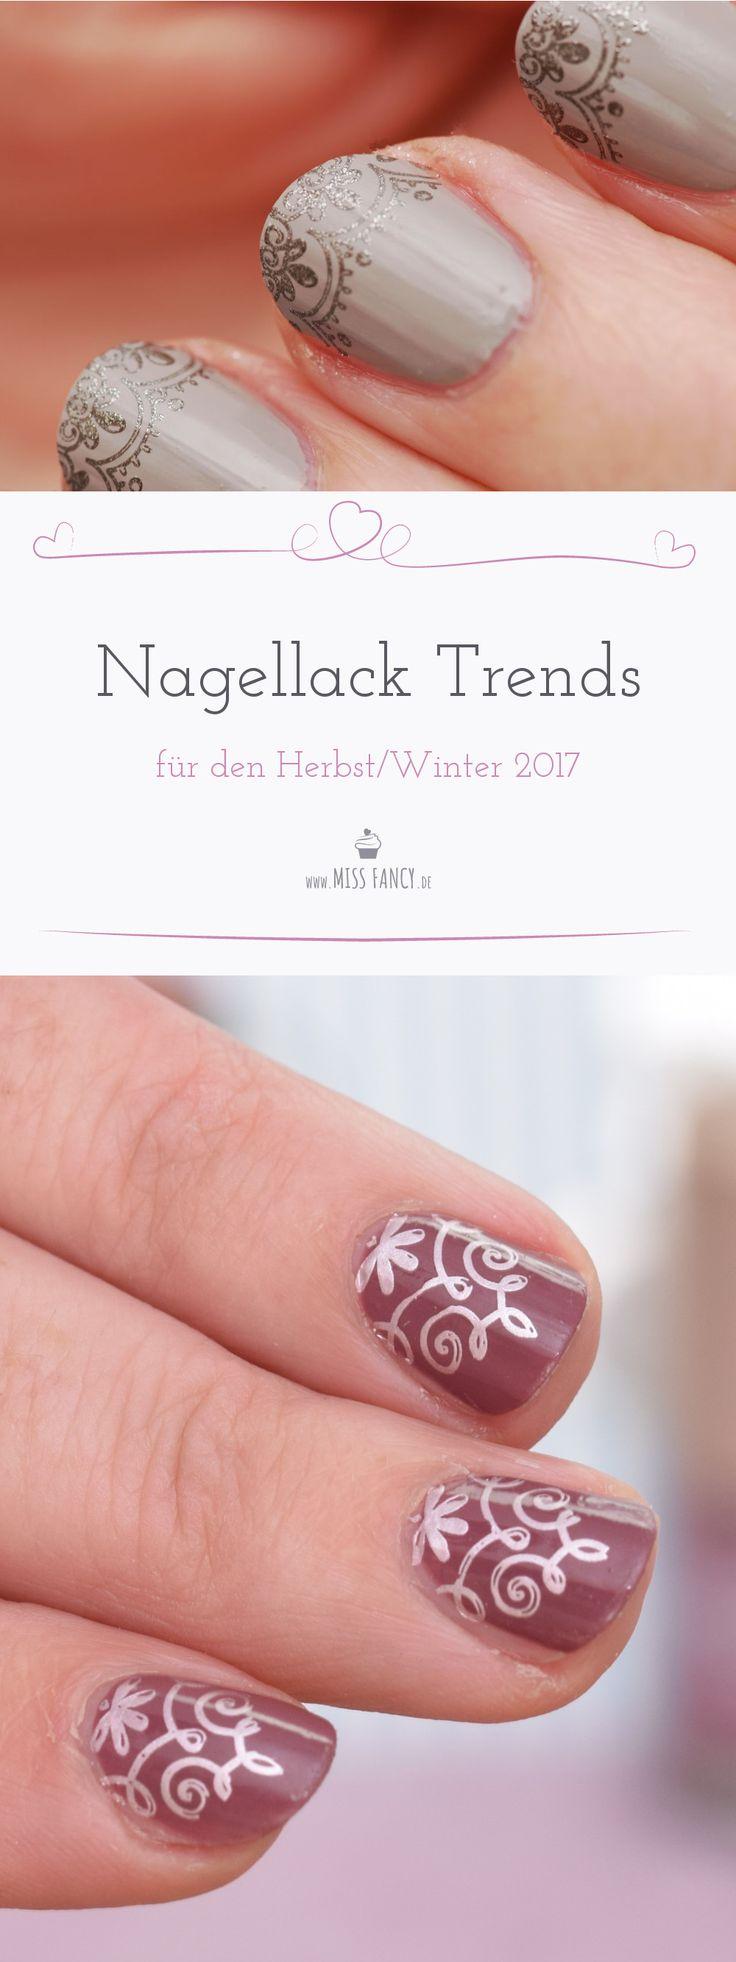 Welche Nagellack Farben für die kommende Herbst / Winterzeit 2017 im  Trend sind und wie du sie schick in Szene setzen kannst, verrate ich dir  heute in meinem Beitrag!